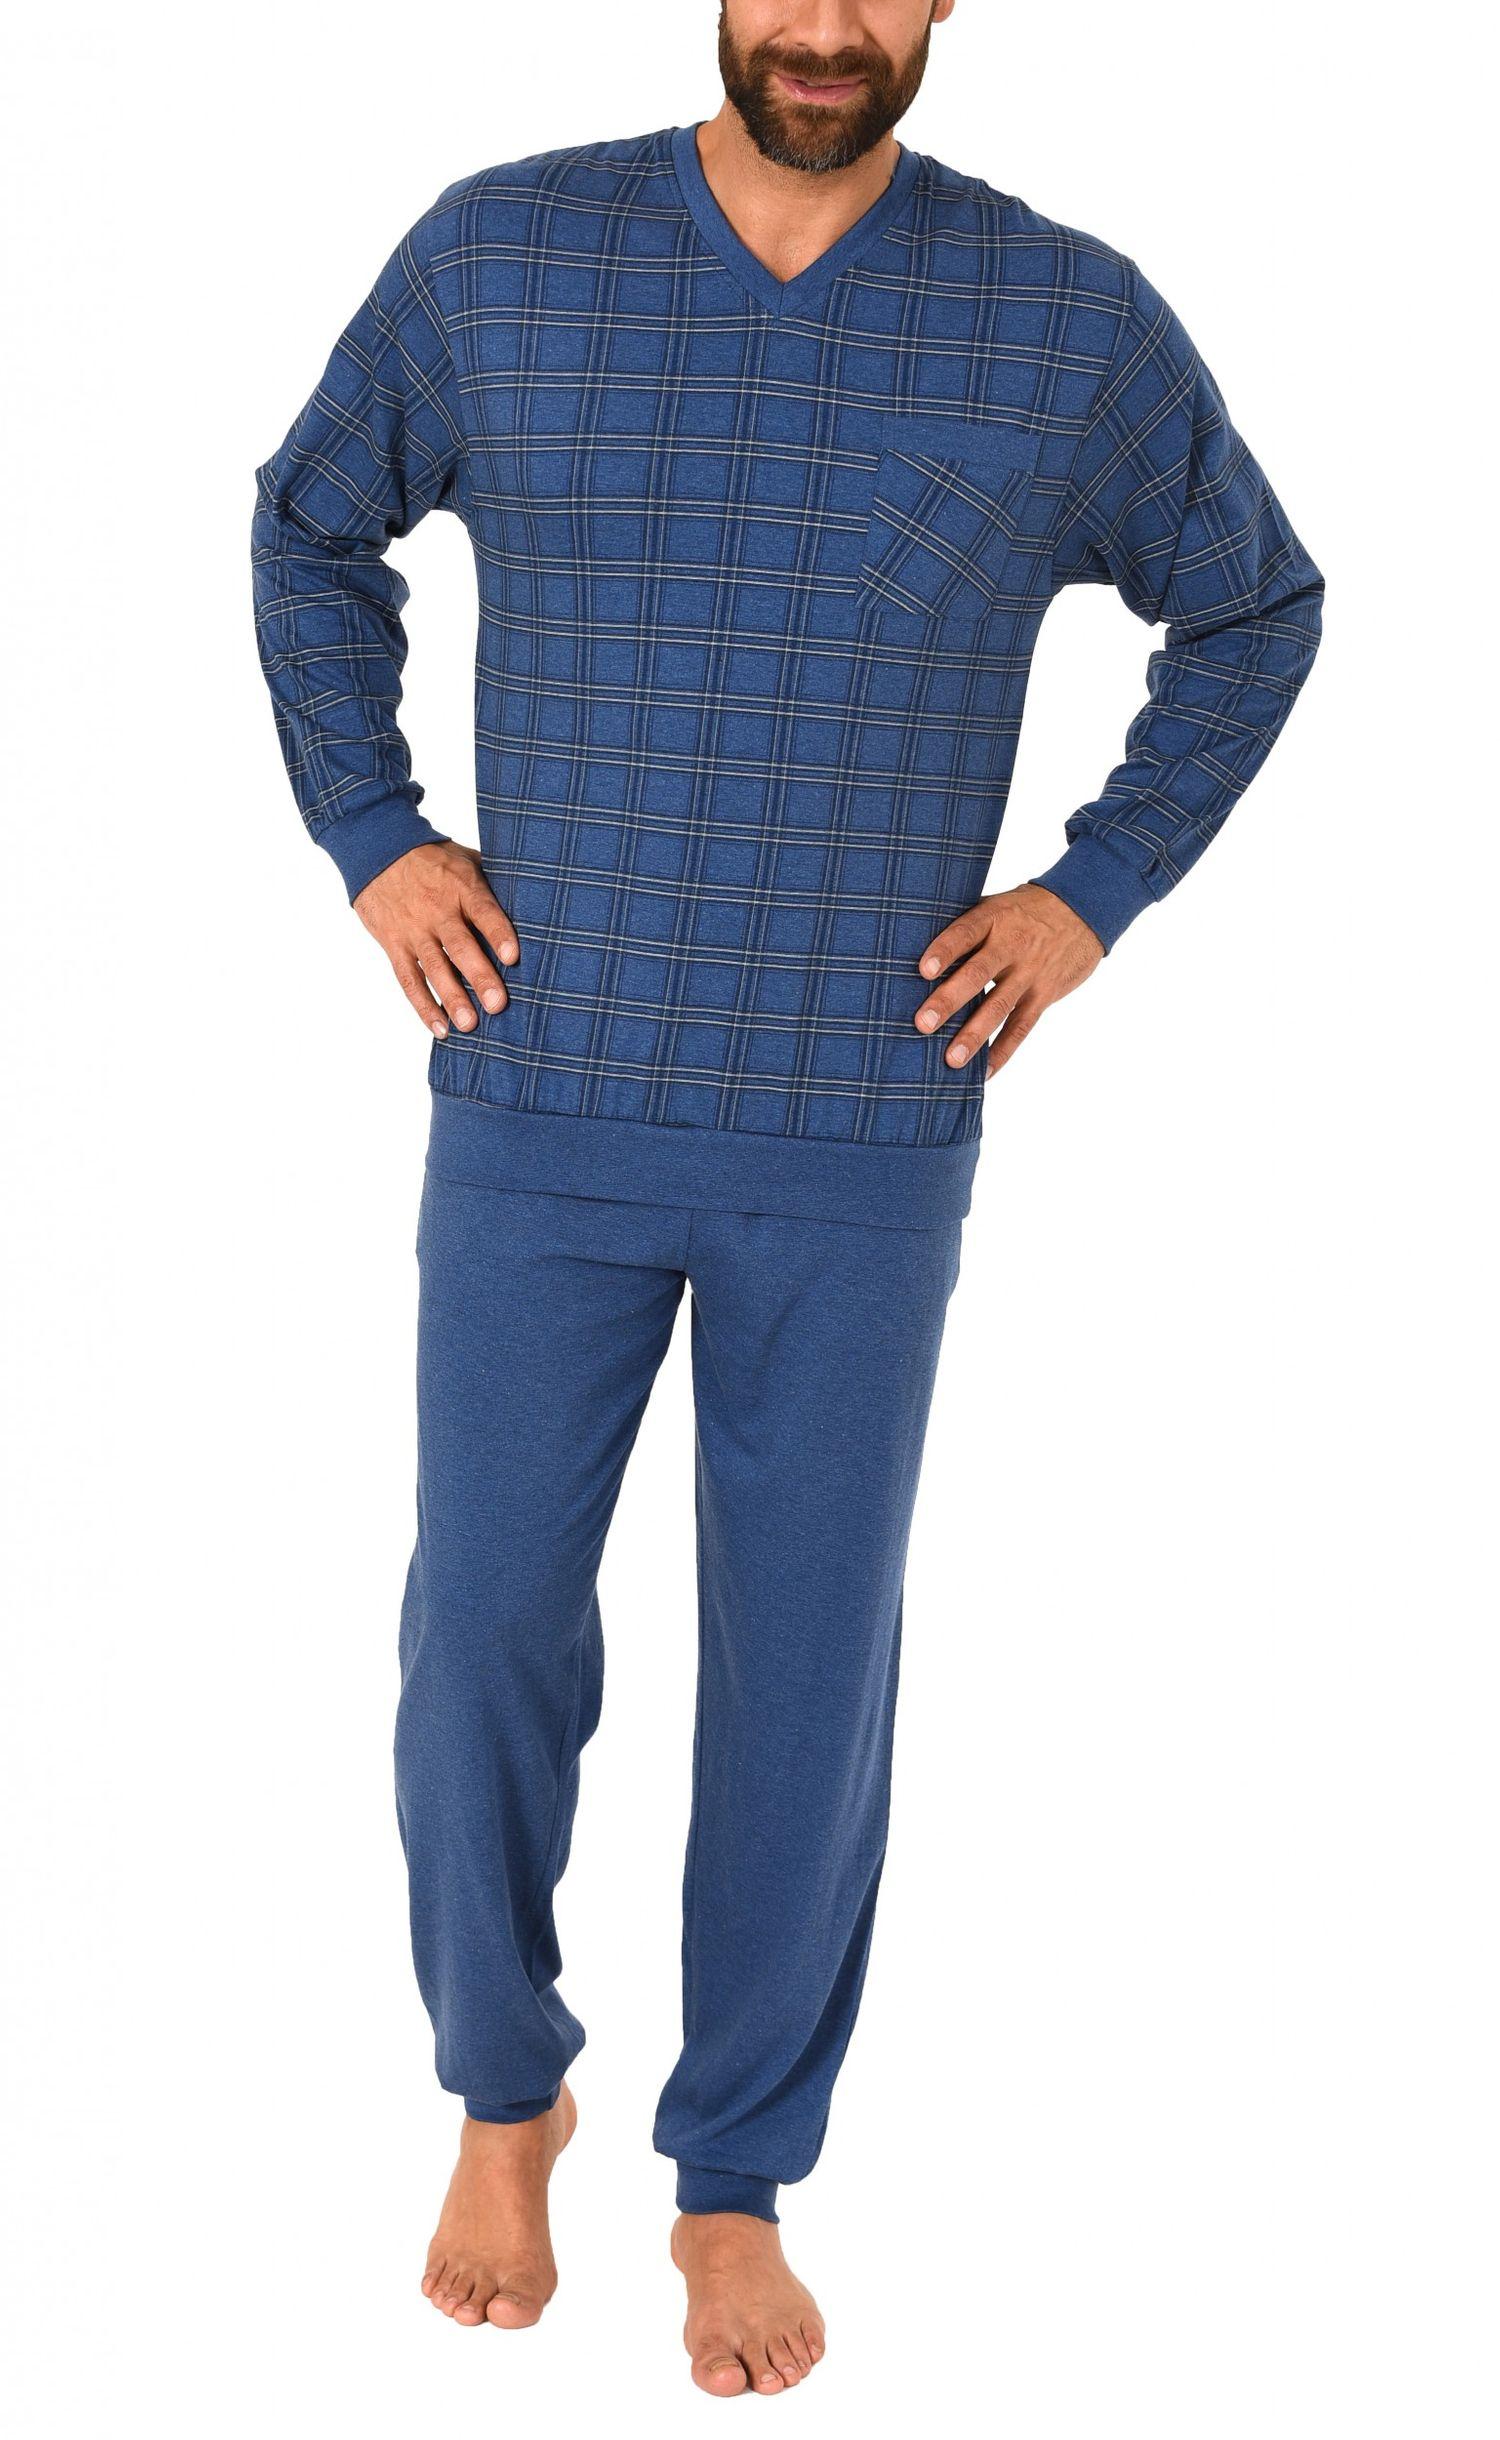 Eleganter Herren Pyjama Schlafanzug mit Bündchen – auch in Übergrössen – 271 101 90 453 – Bild 2